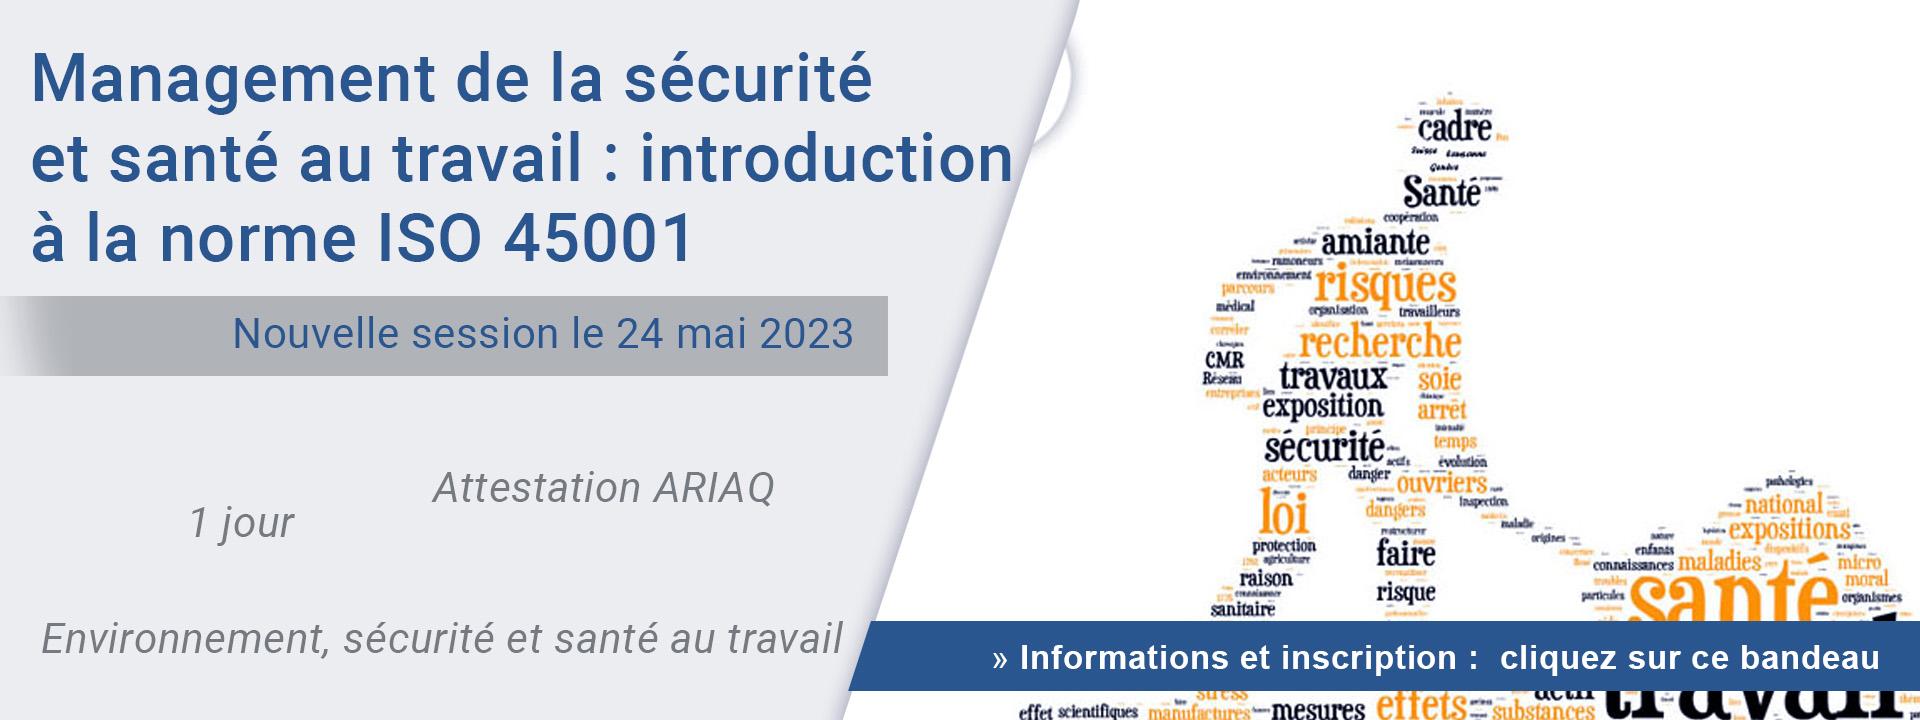 Management de la sécurité et santé au travail : introduction à la norme ISO 45001